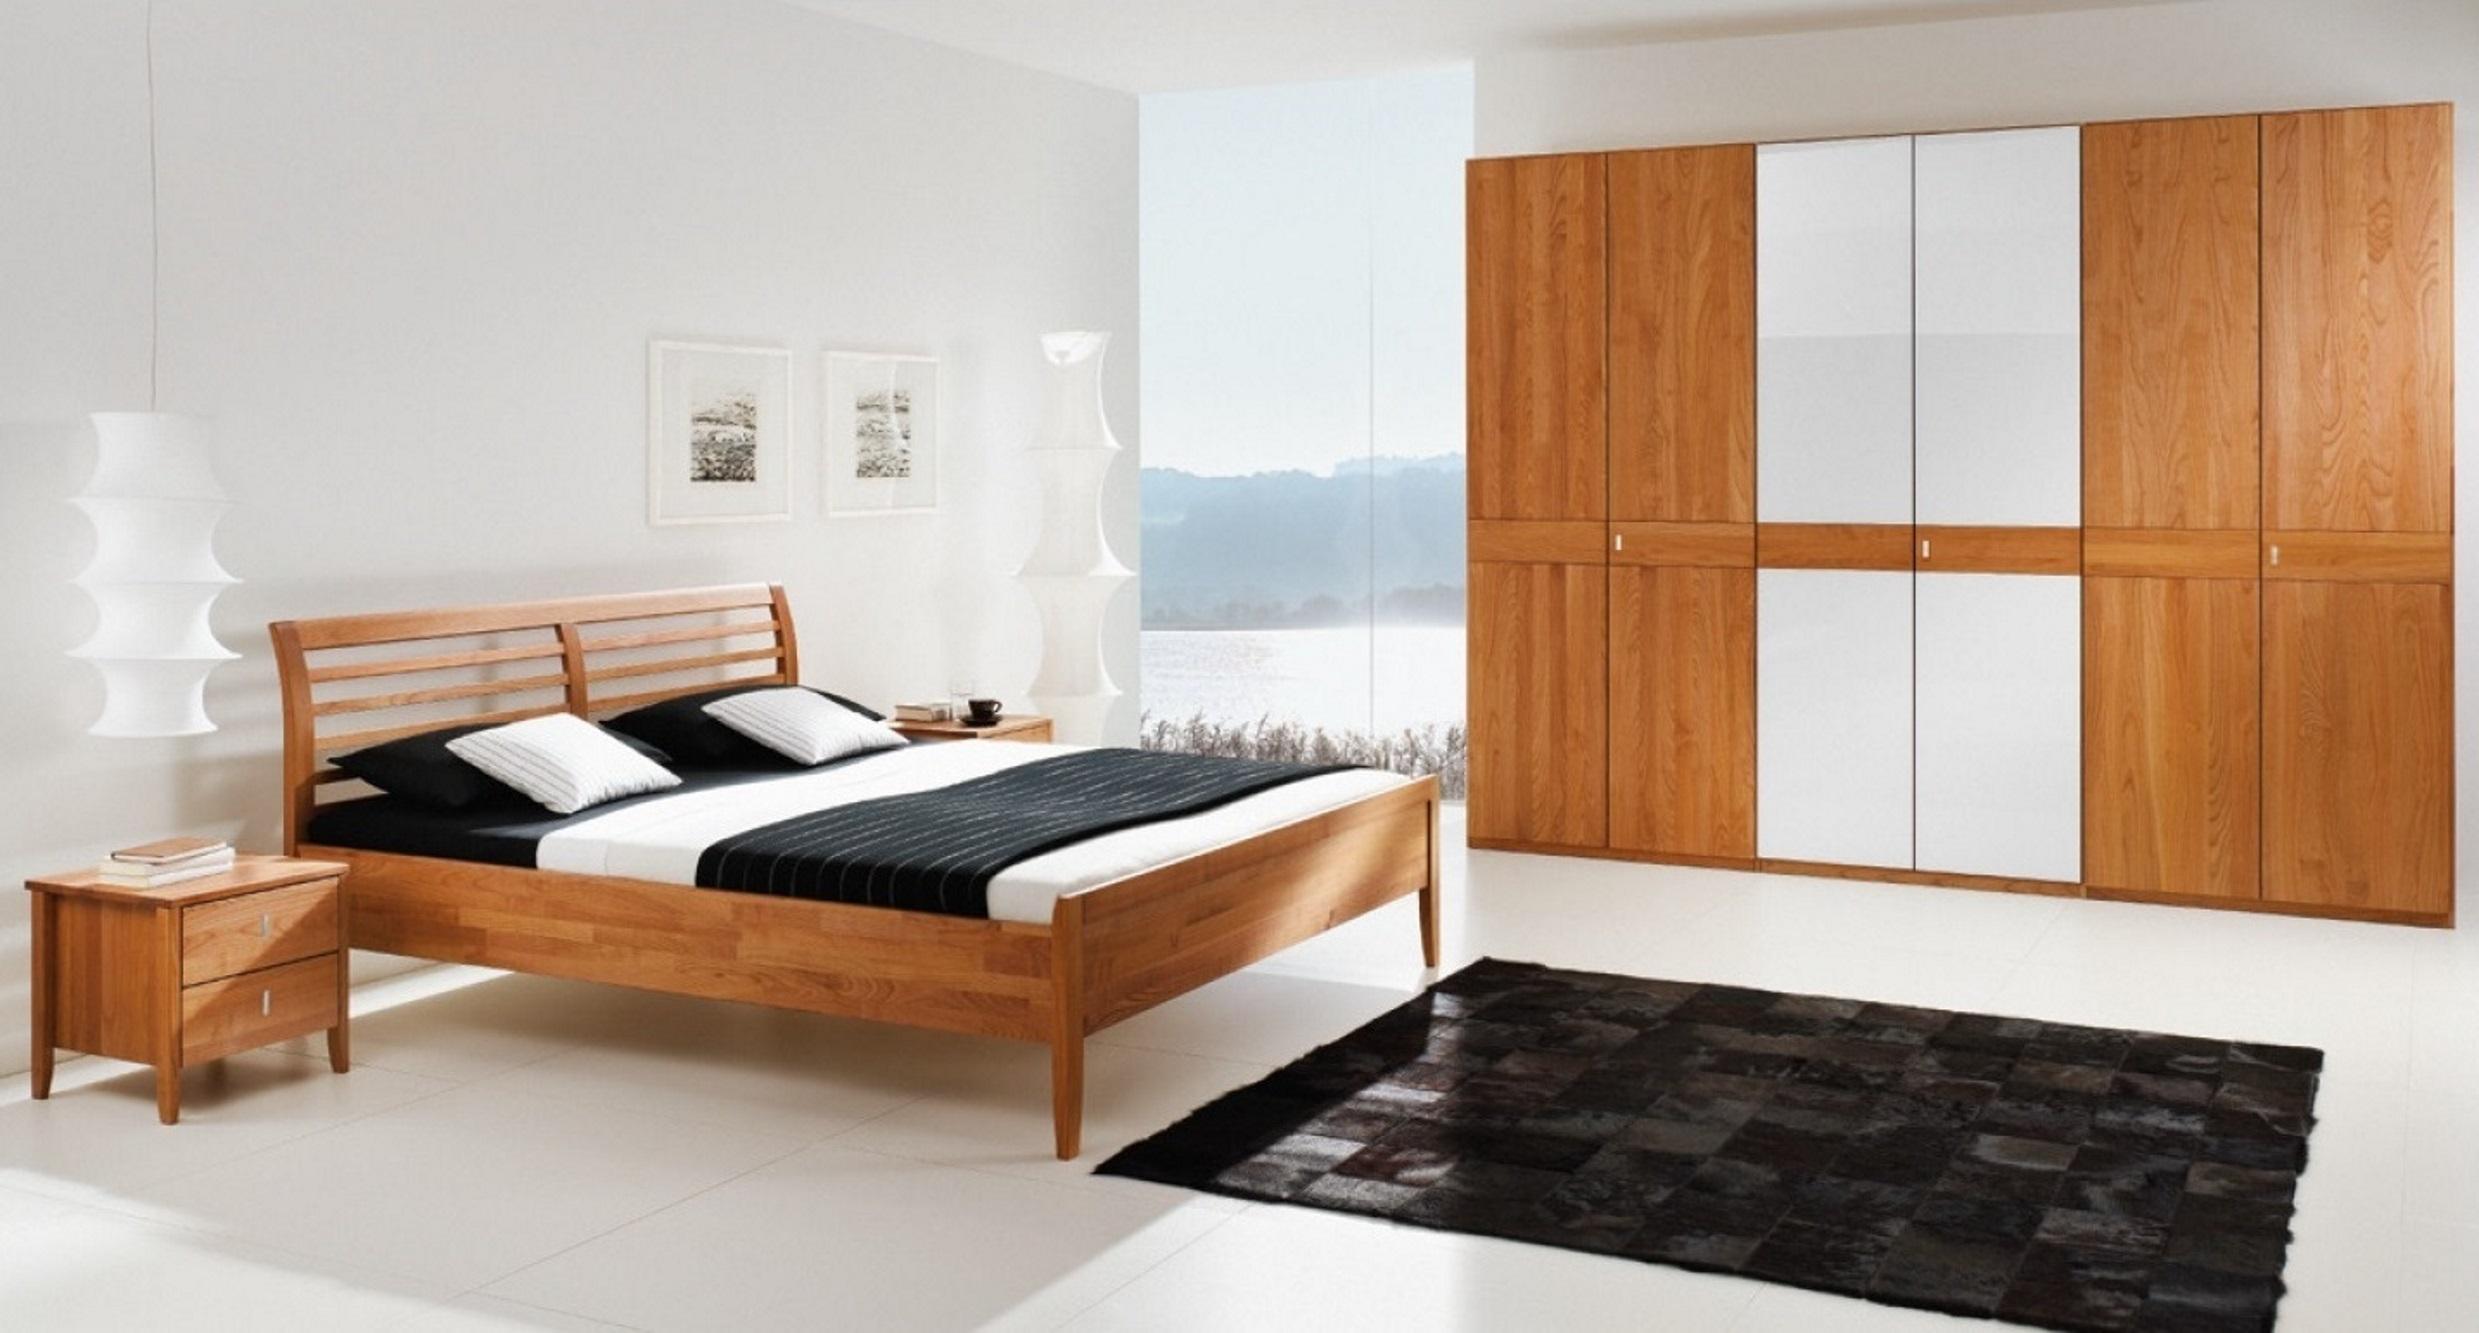 schlafzimmer sesam biom bel bonn. Black Bedroom Furniture Sets. Home Design Ideas